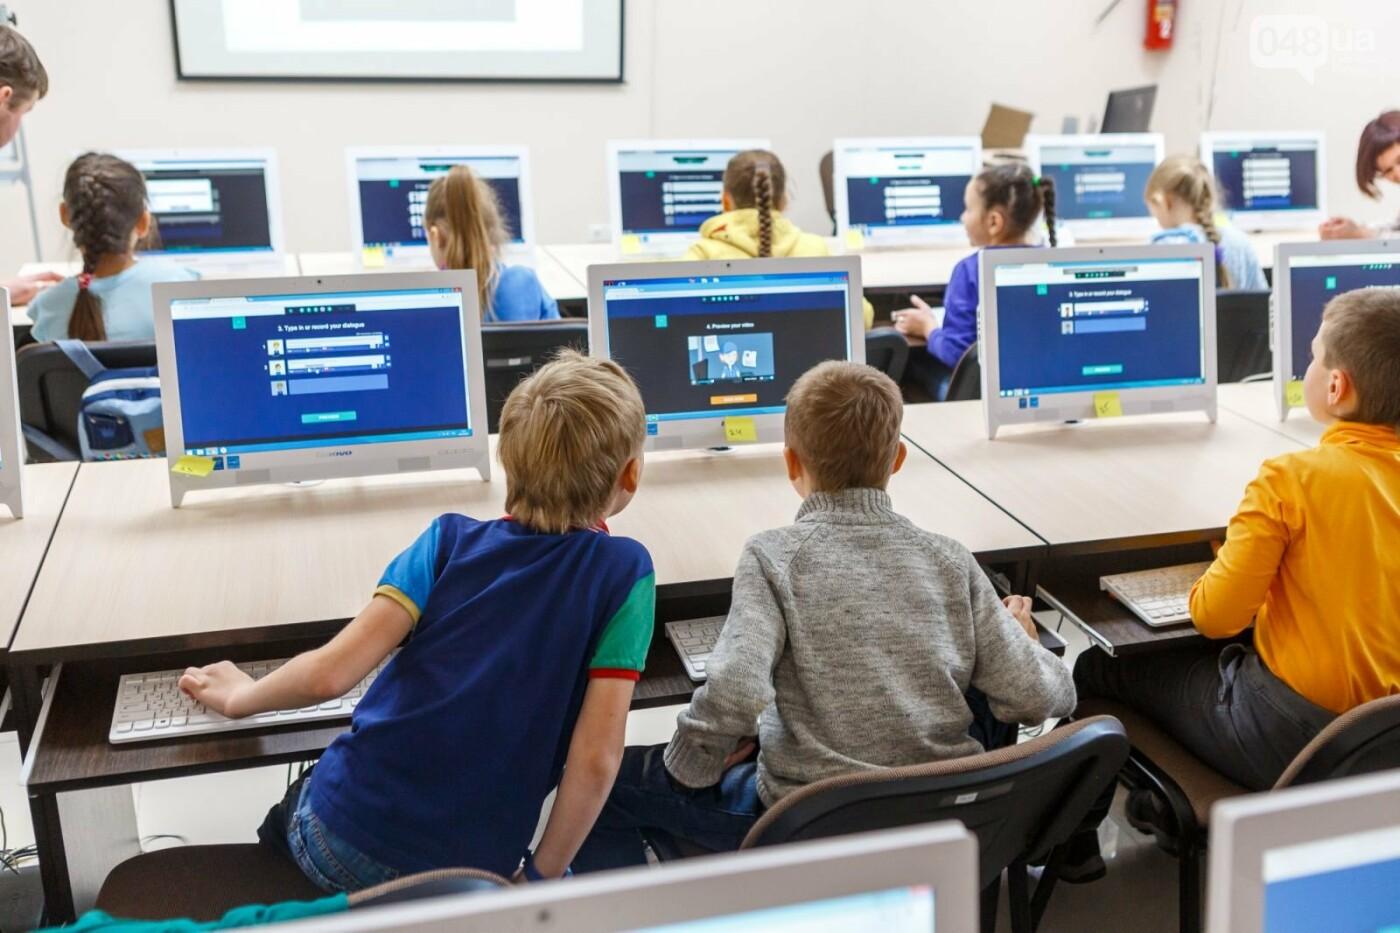 В Одессе появилась кибершкола для превращения детей в Стивов Джобсов. Будущее уже наступило., фото-1